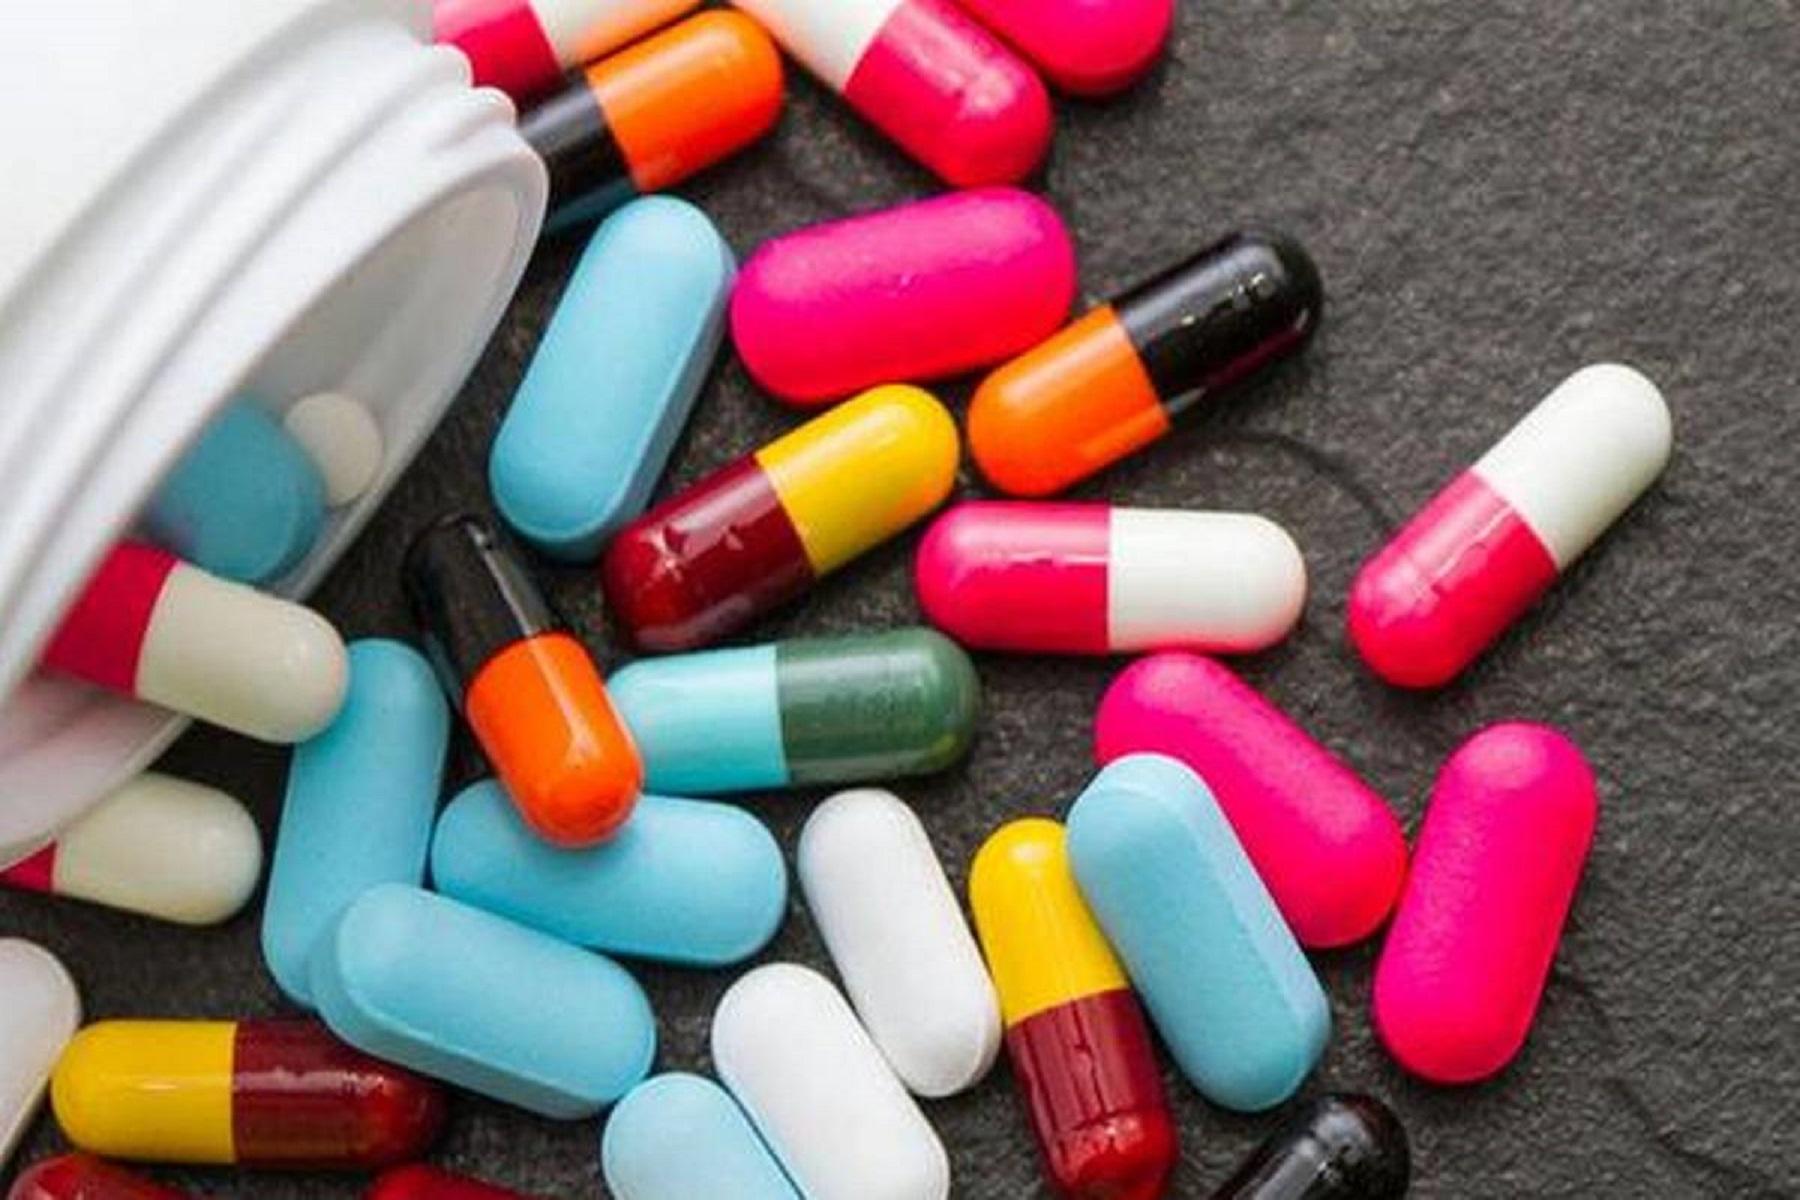 Κορωνοϊός Αντιβιοτικά: Η αζιθρομυκίνη δεν είναι φάρμακο που πρέπει να χρησιμοποιηθεί για τη θεραπεία της Covid